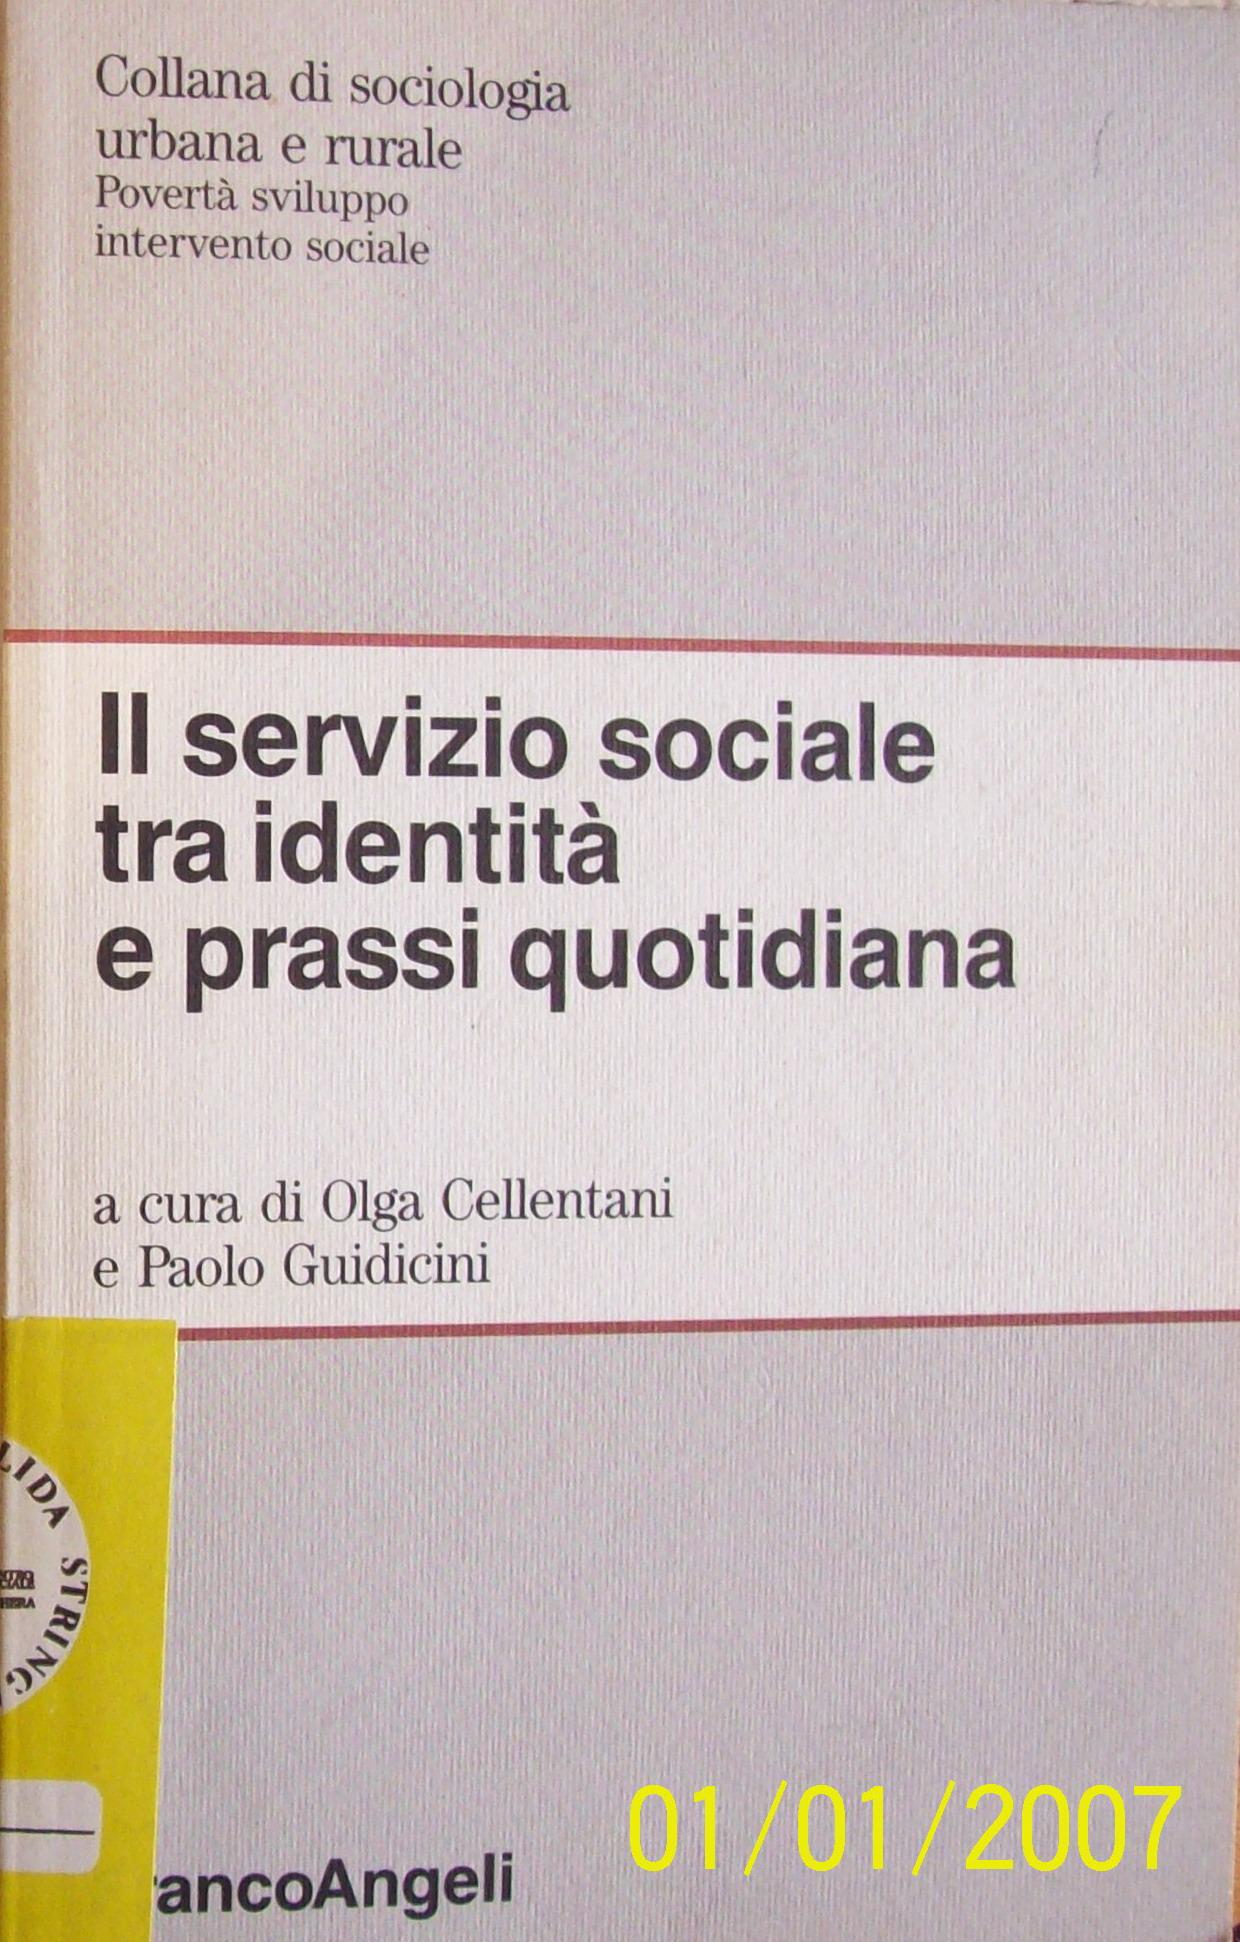 Il Servizio sociale tra identita e prassi quotidiana